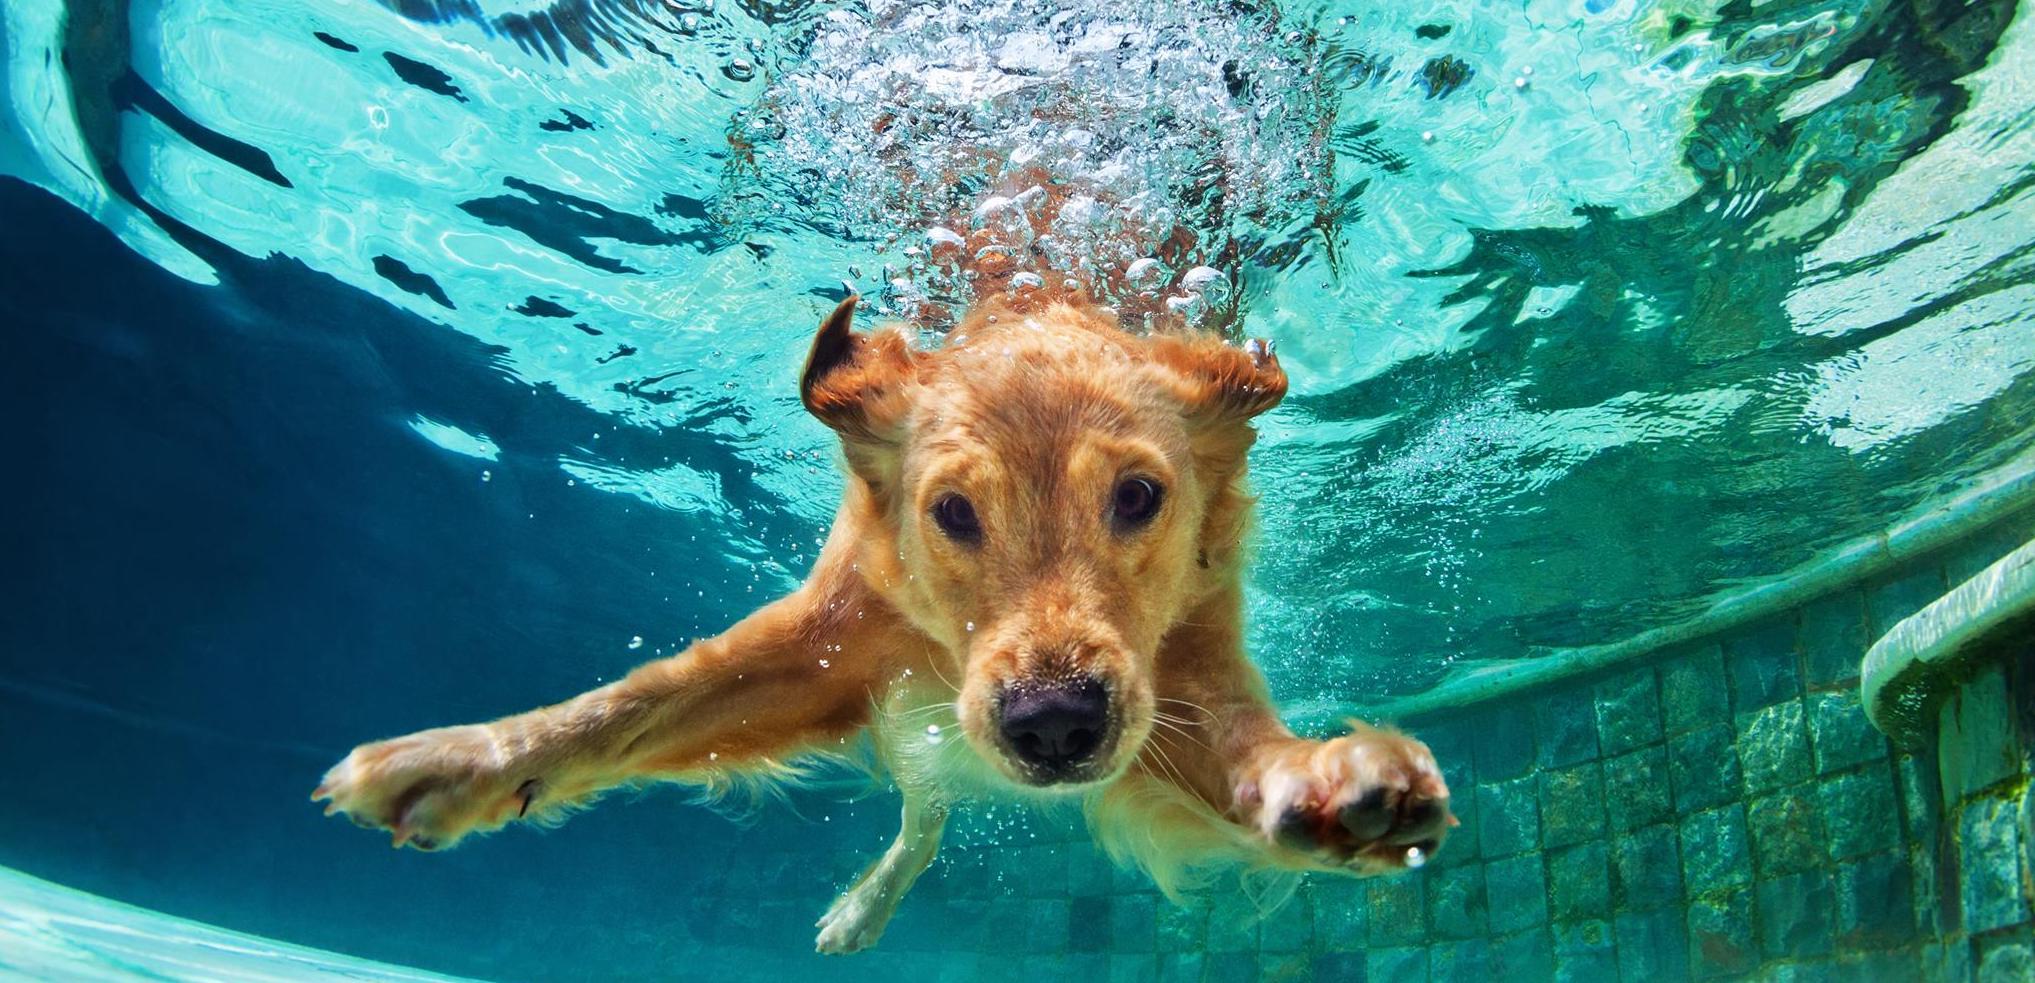 Hund beim Baden im Wasser